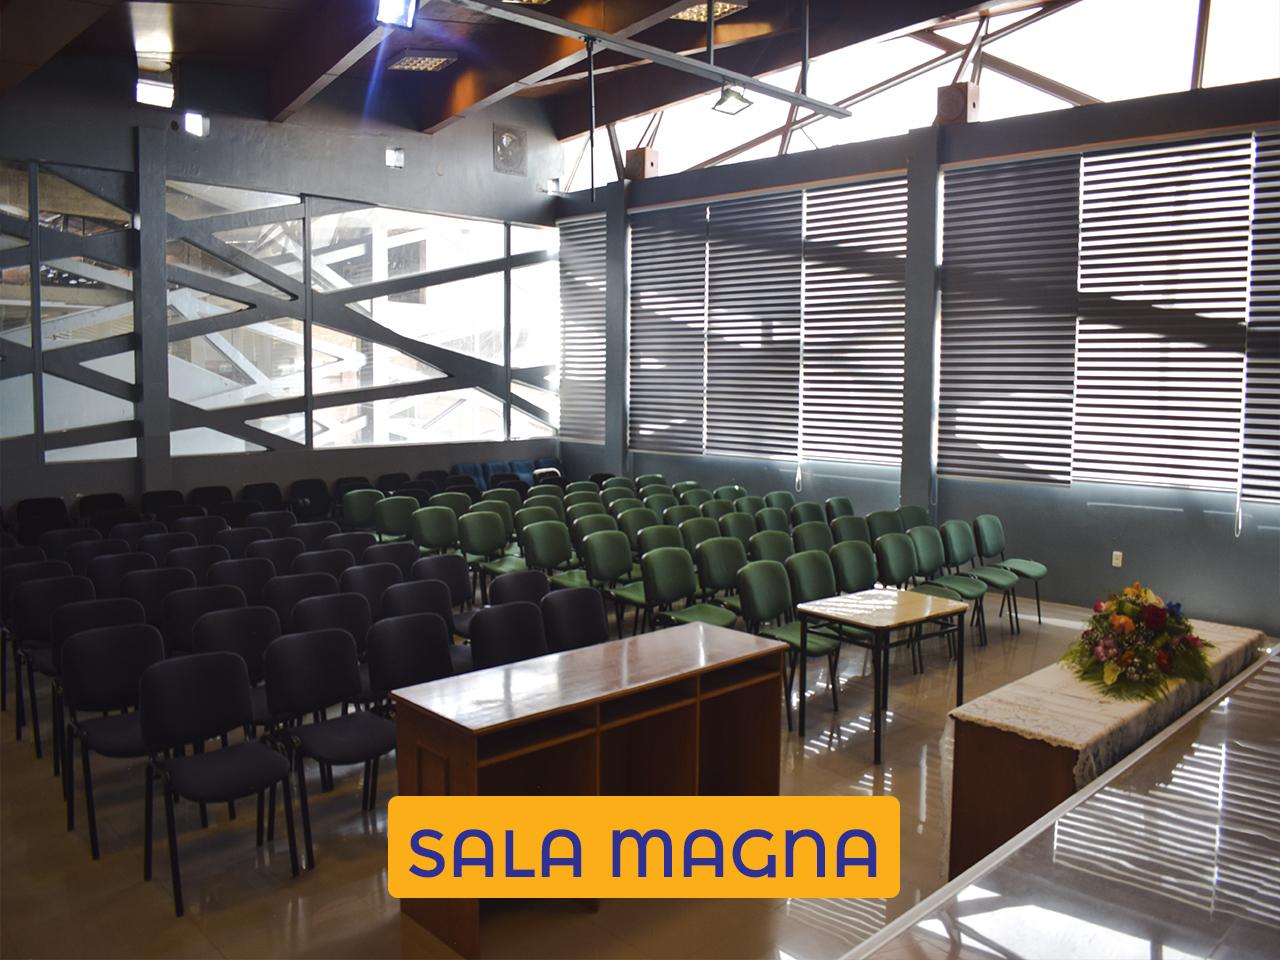 Sala Magna